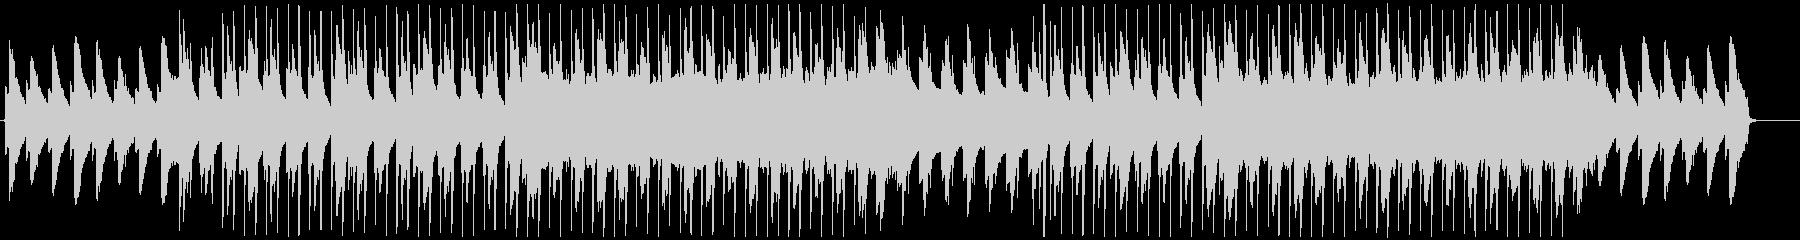 ピアノが特徴的なジャズヒップホップの未再生の波形